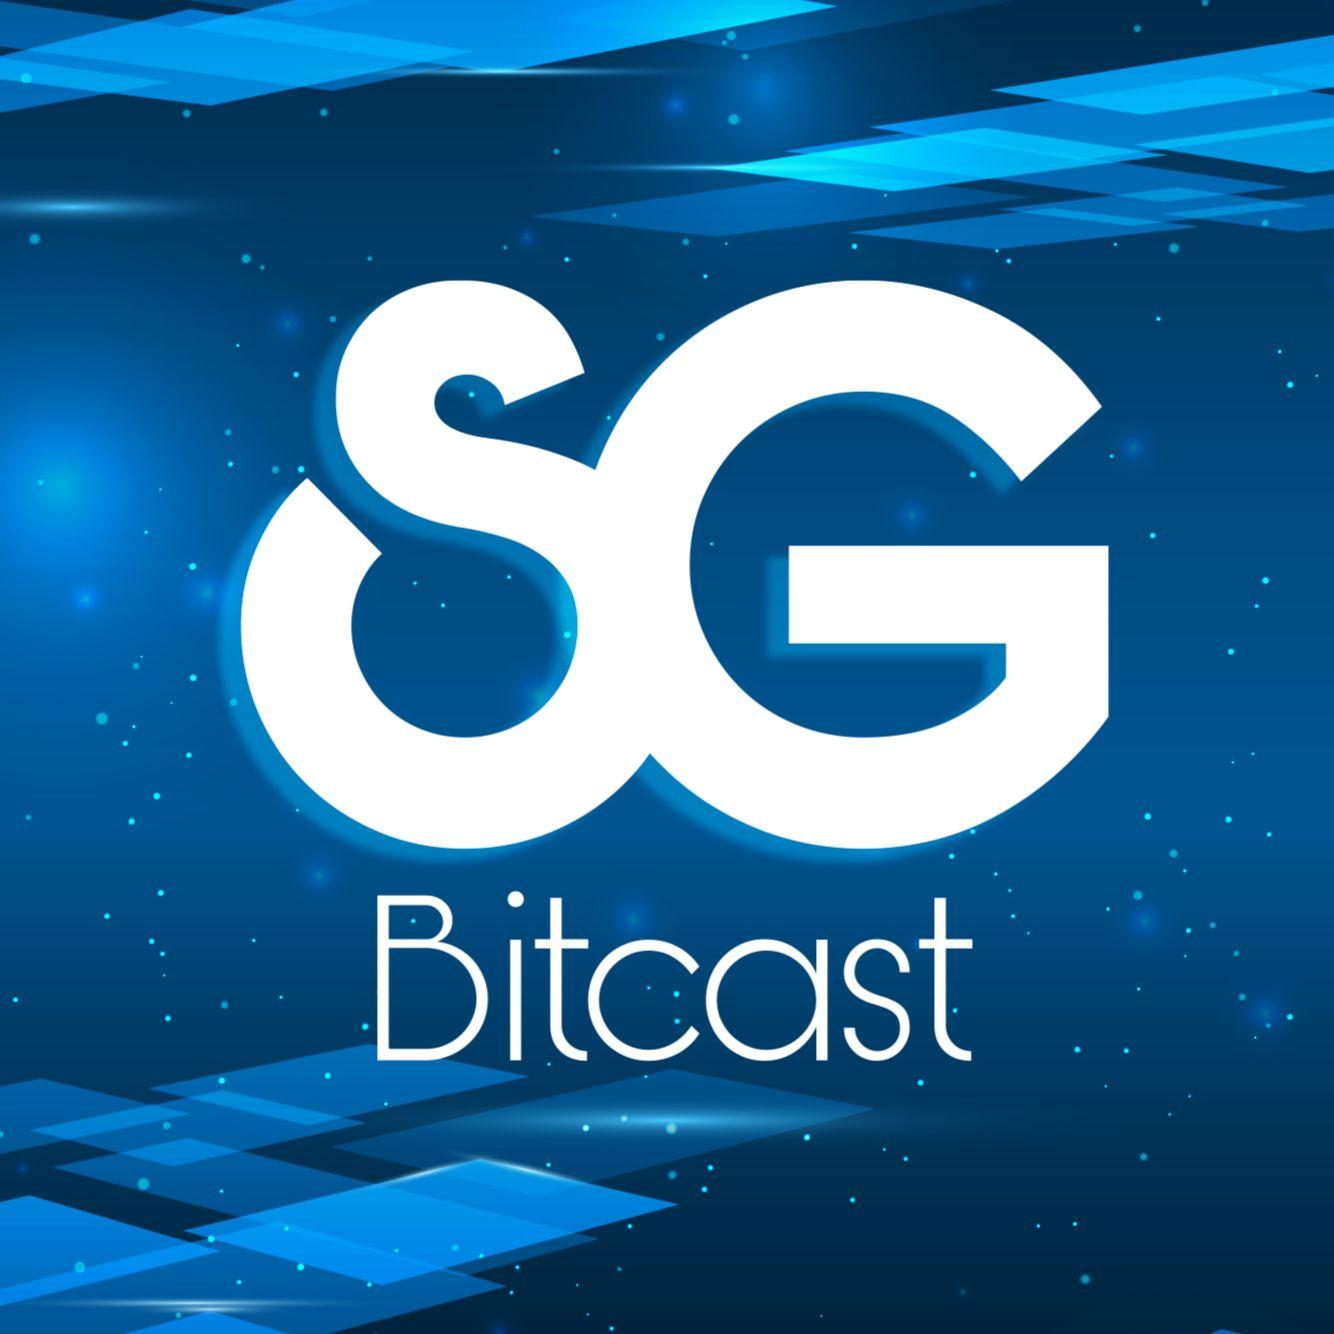 Seasoned Gaming Bitcast